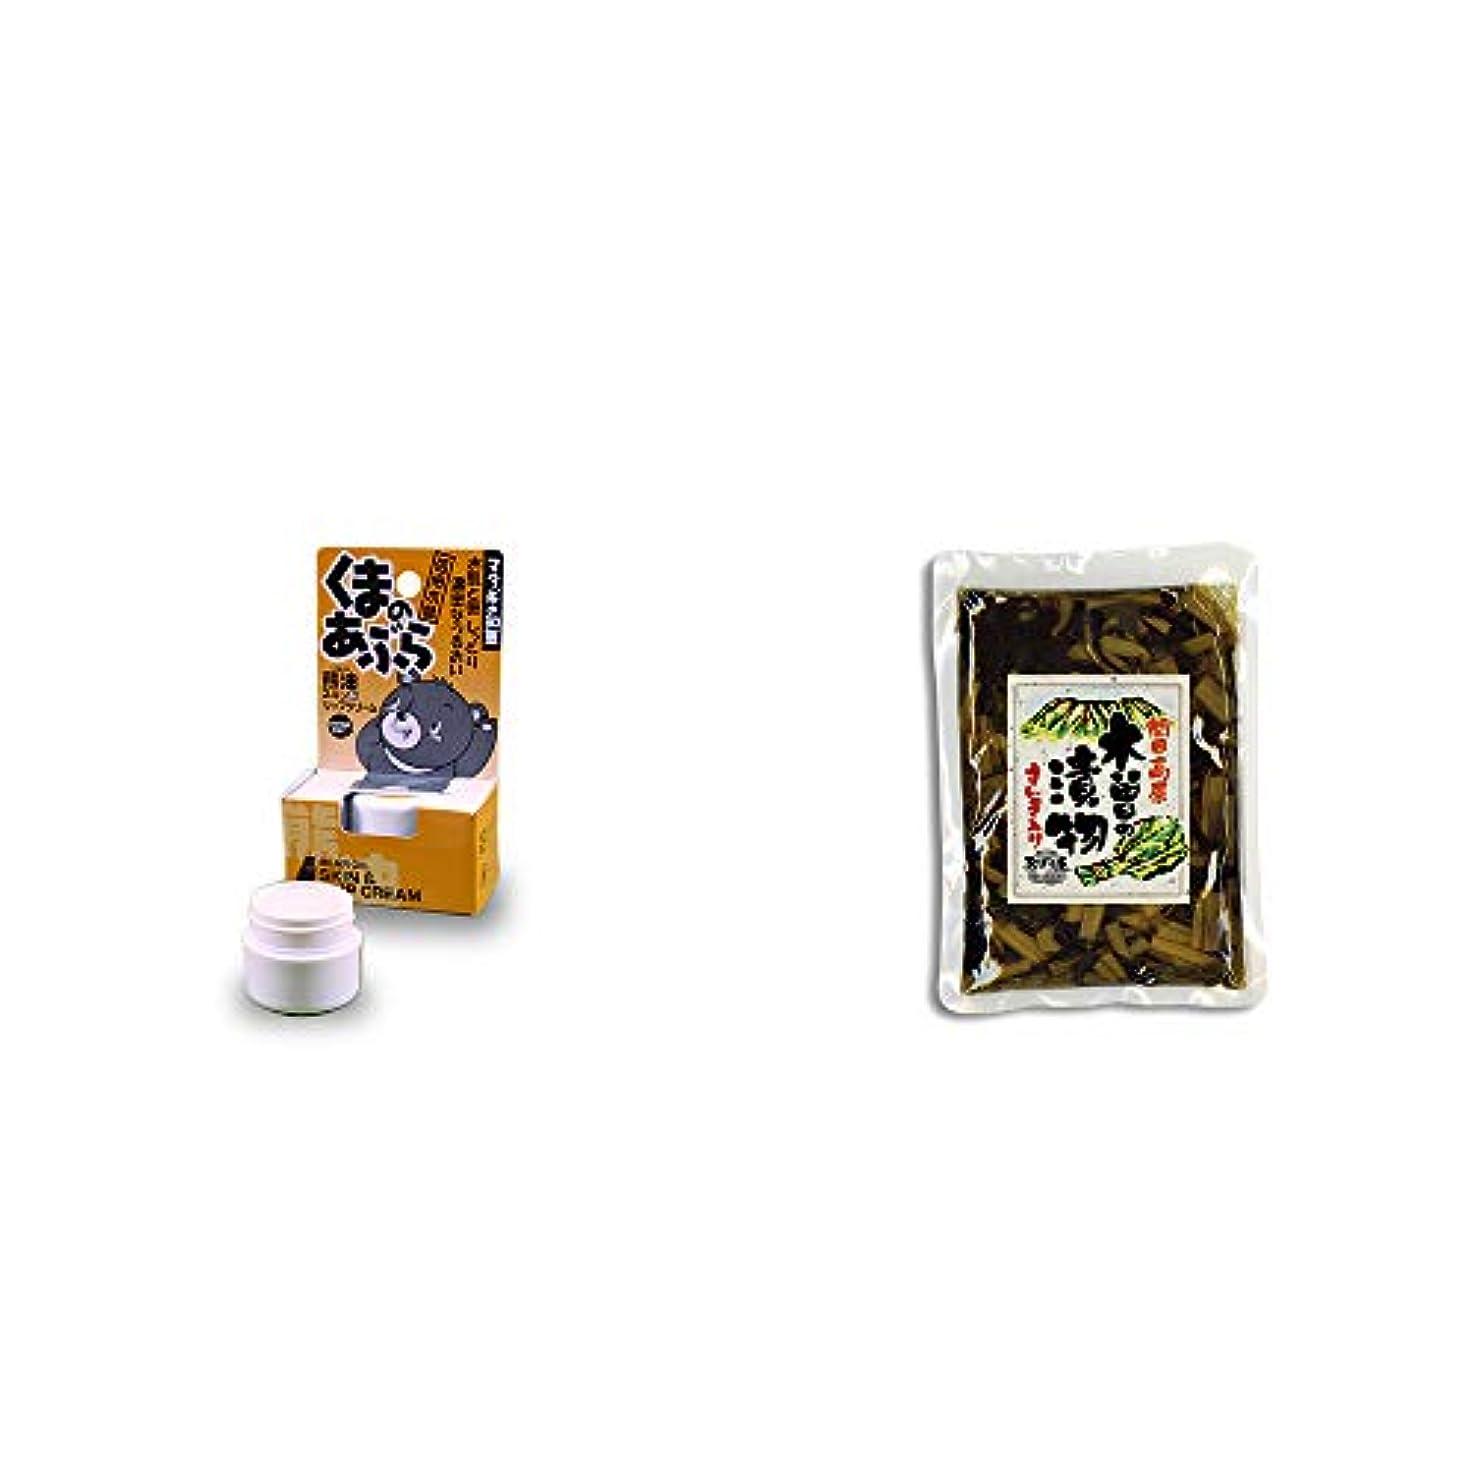 うっかりファシズム確執[2点セット] 信州木曽 くまのあぶら 熊油スキン&リップクリーム(9g)?【年中販売】木曽の漬物 すんき入り(200g) / すんき漬け味付加工品 //